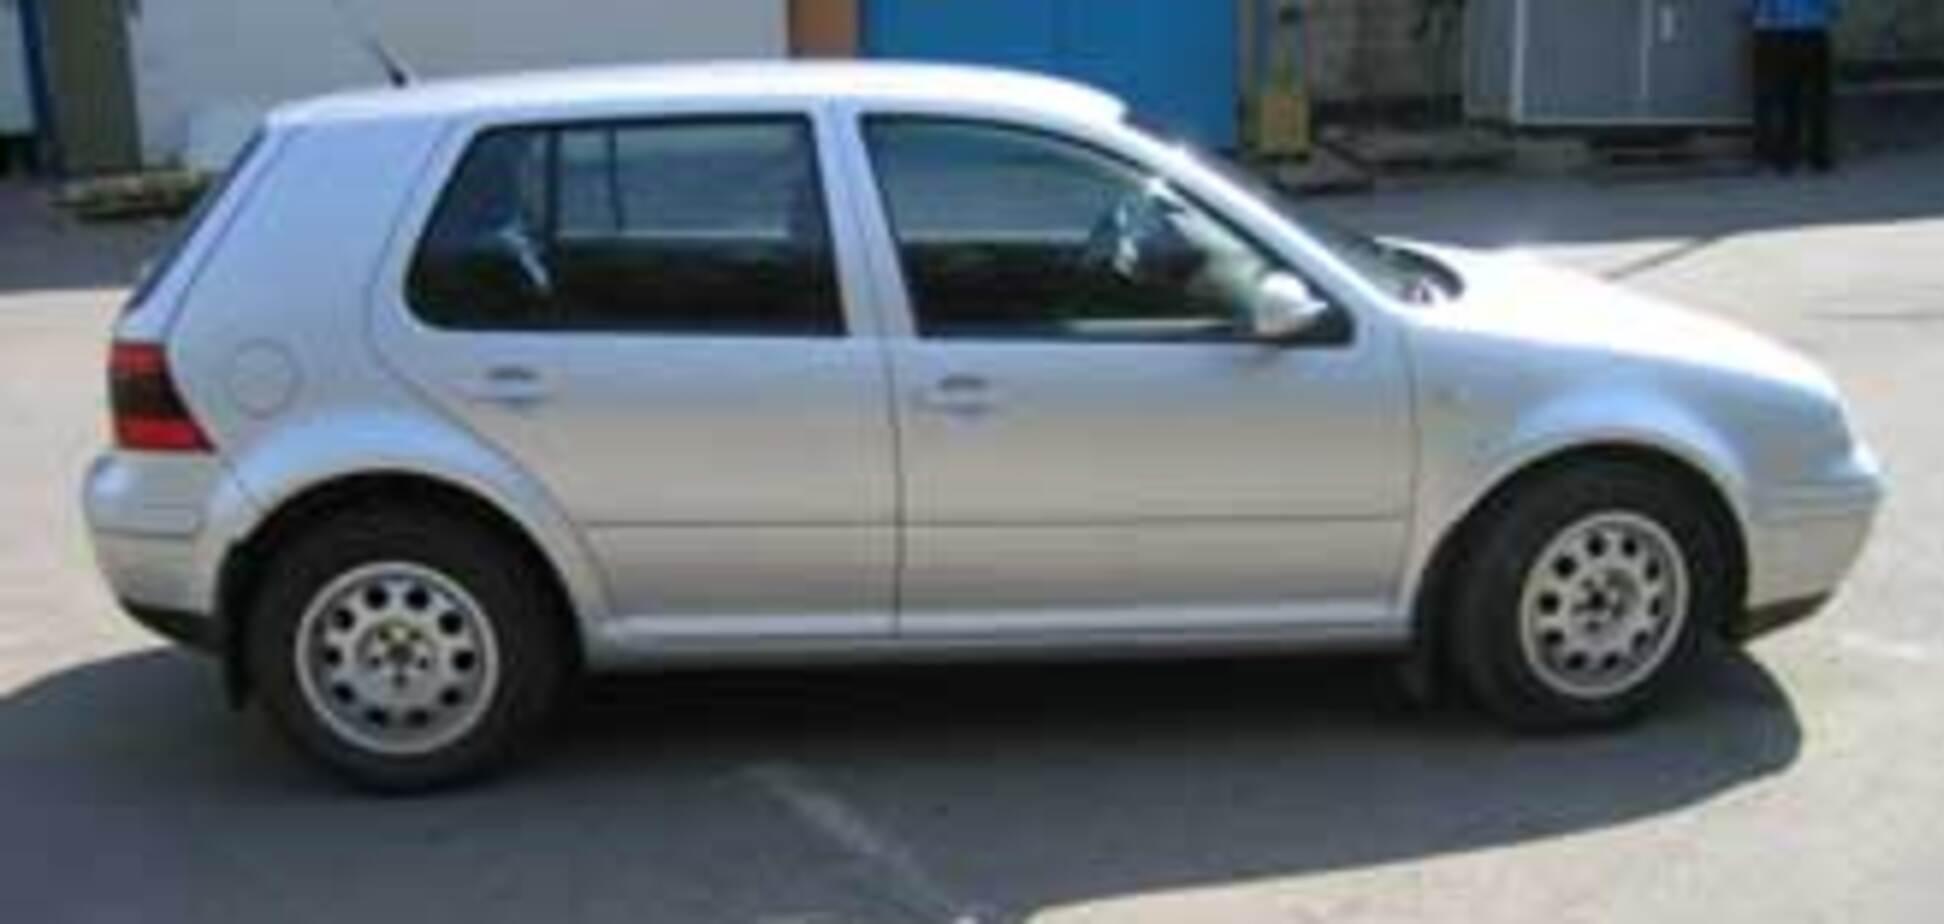 Автомобиль львовского киллера ввезен в Украину нелегально